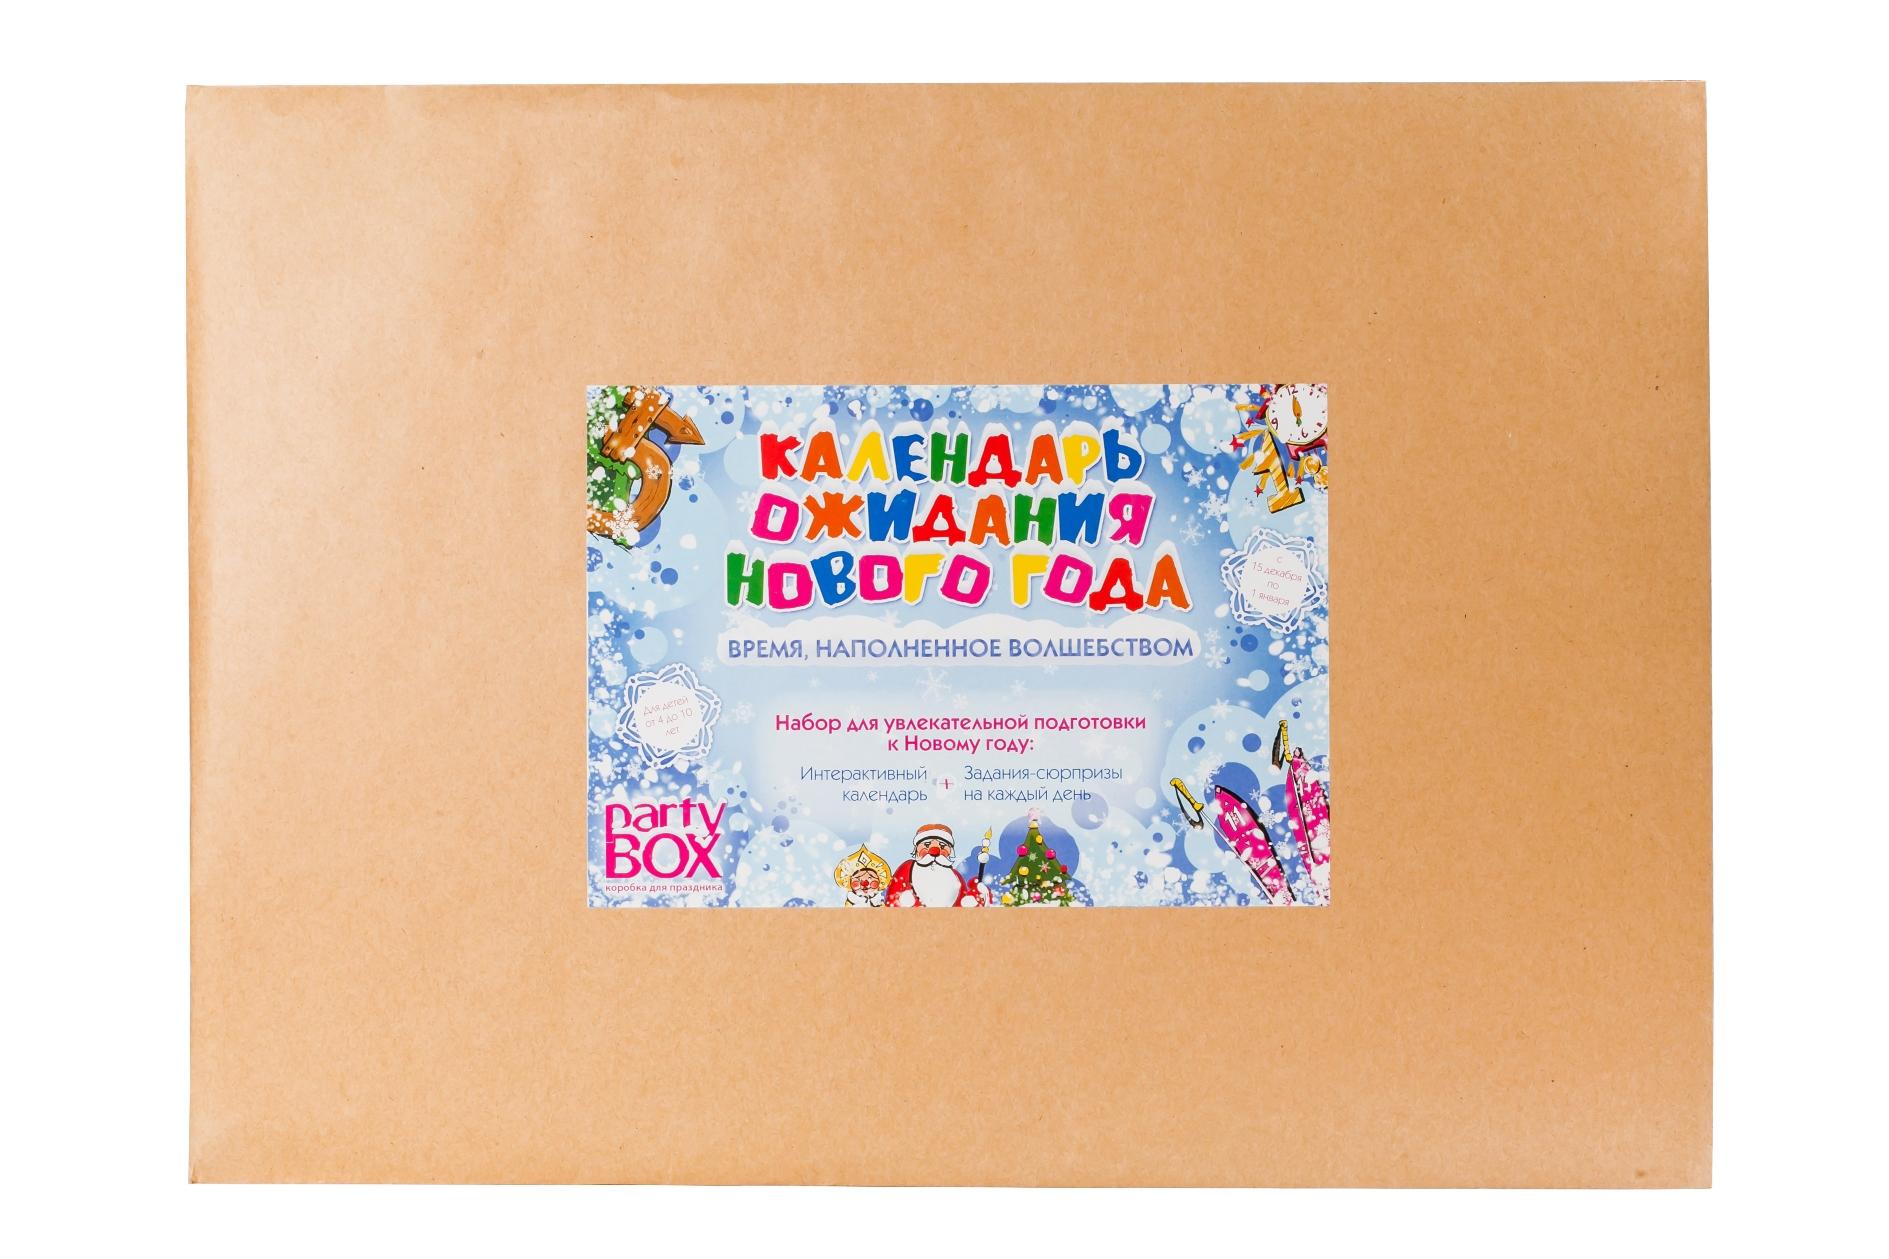 Календарь подарков отзыв